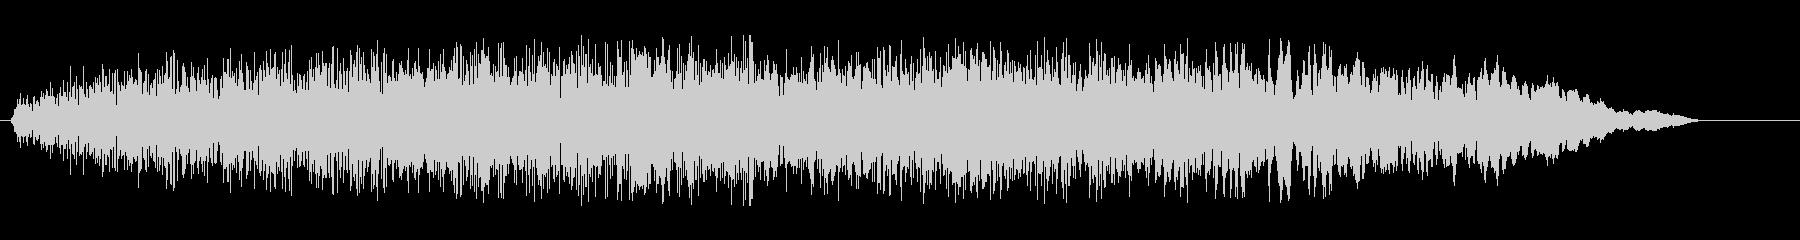 ギュルゥー(耳障りなノイズ)の未再生の波形